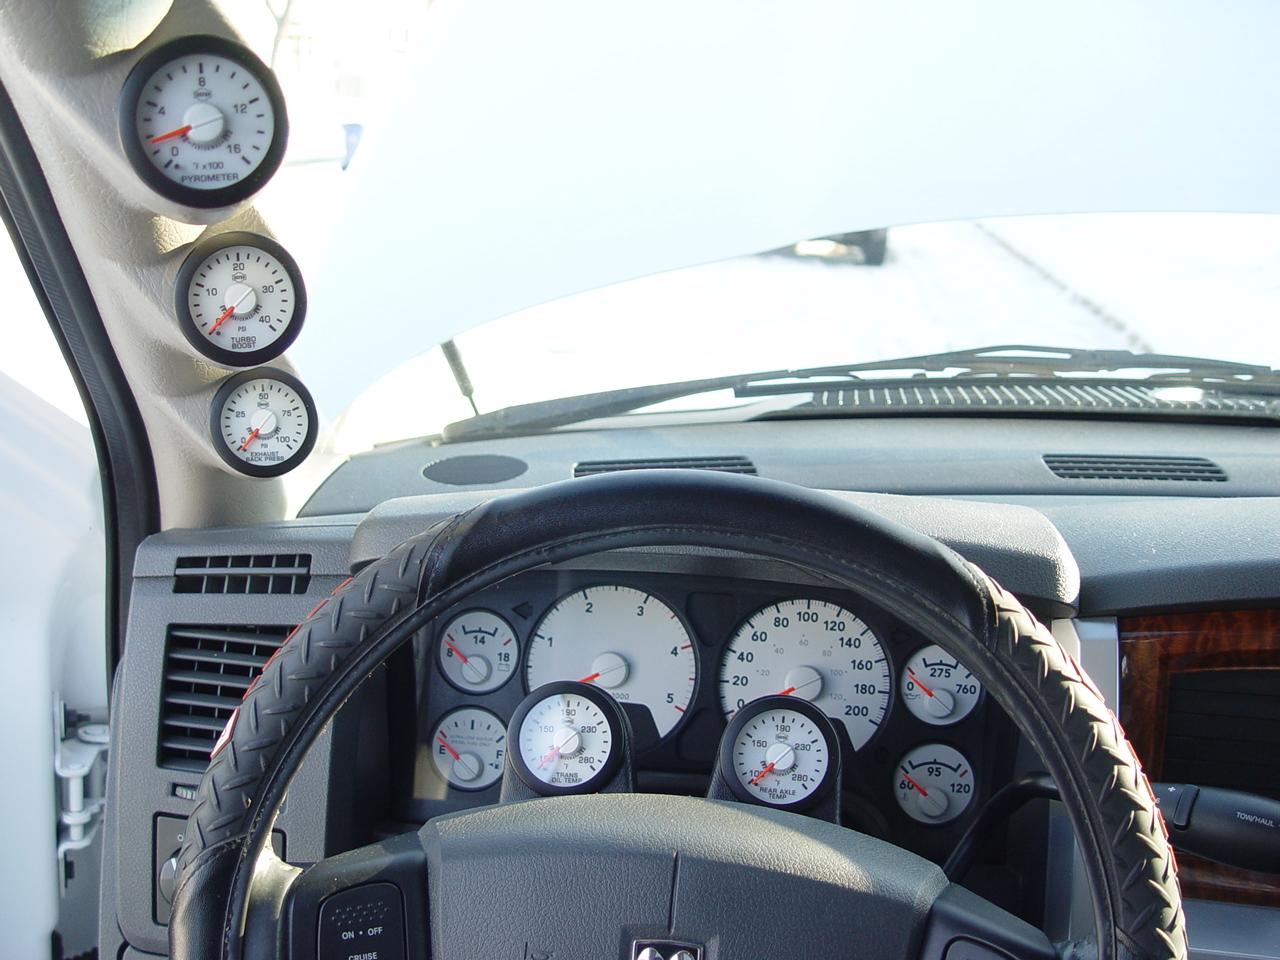 D Rd Gen Isspro Ev Gauge Install Dsc on Dodge Ram 3500 Twin Turbo